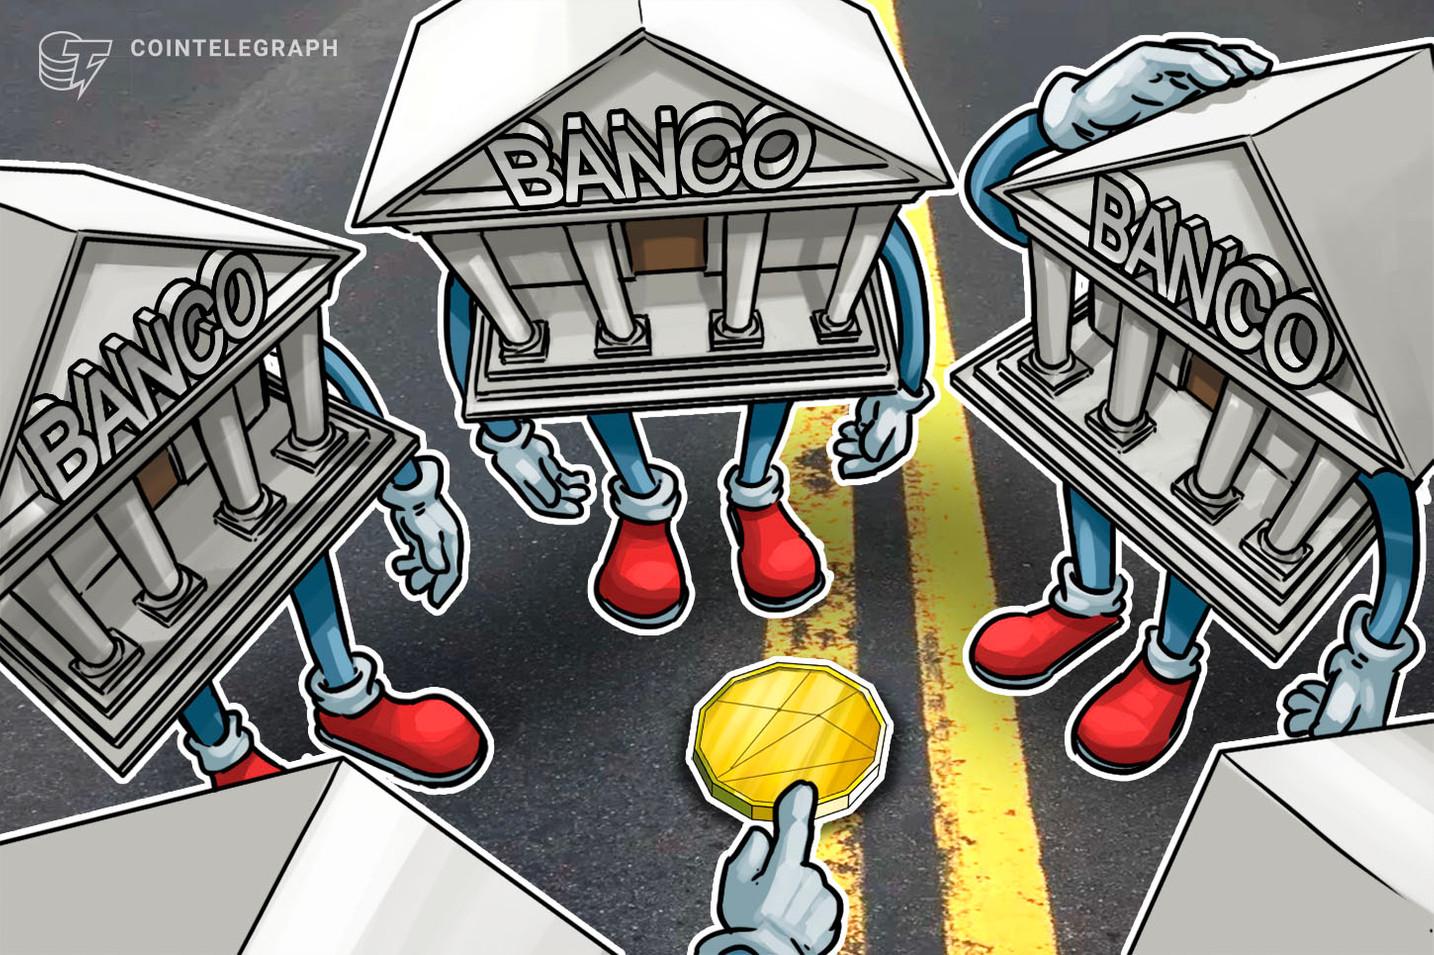 Banco Central aumenta limites de transferência e adia Pix Cobrança, que pode substituir o boleto, para maio